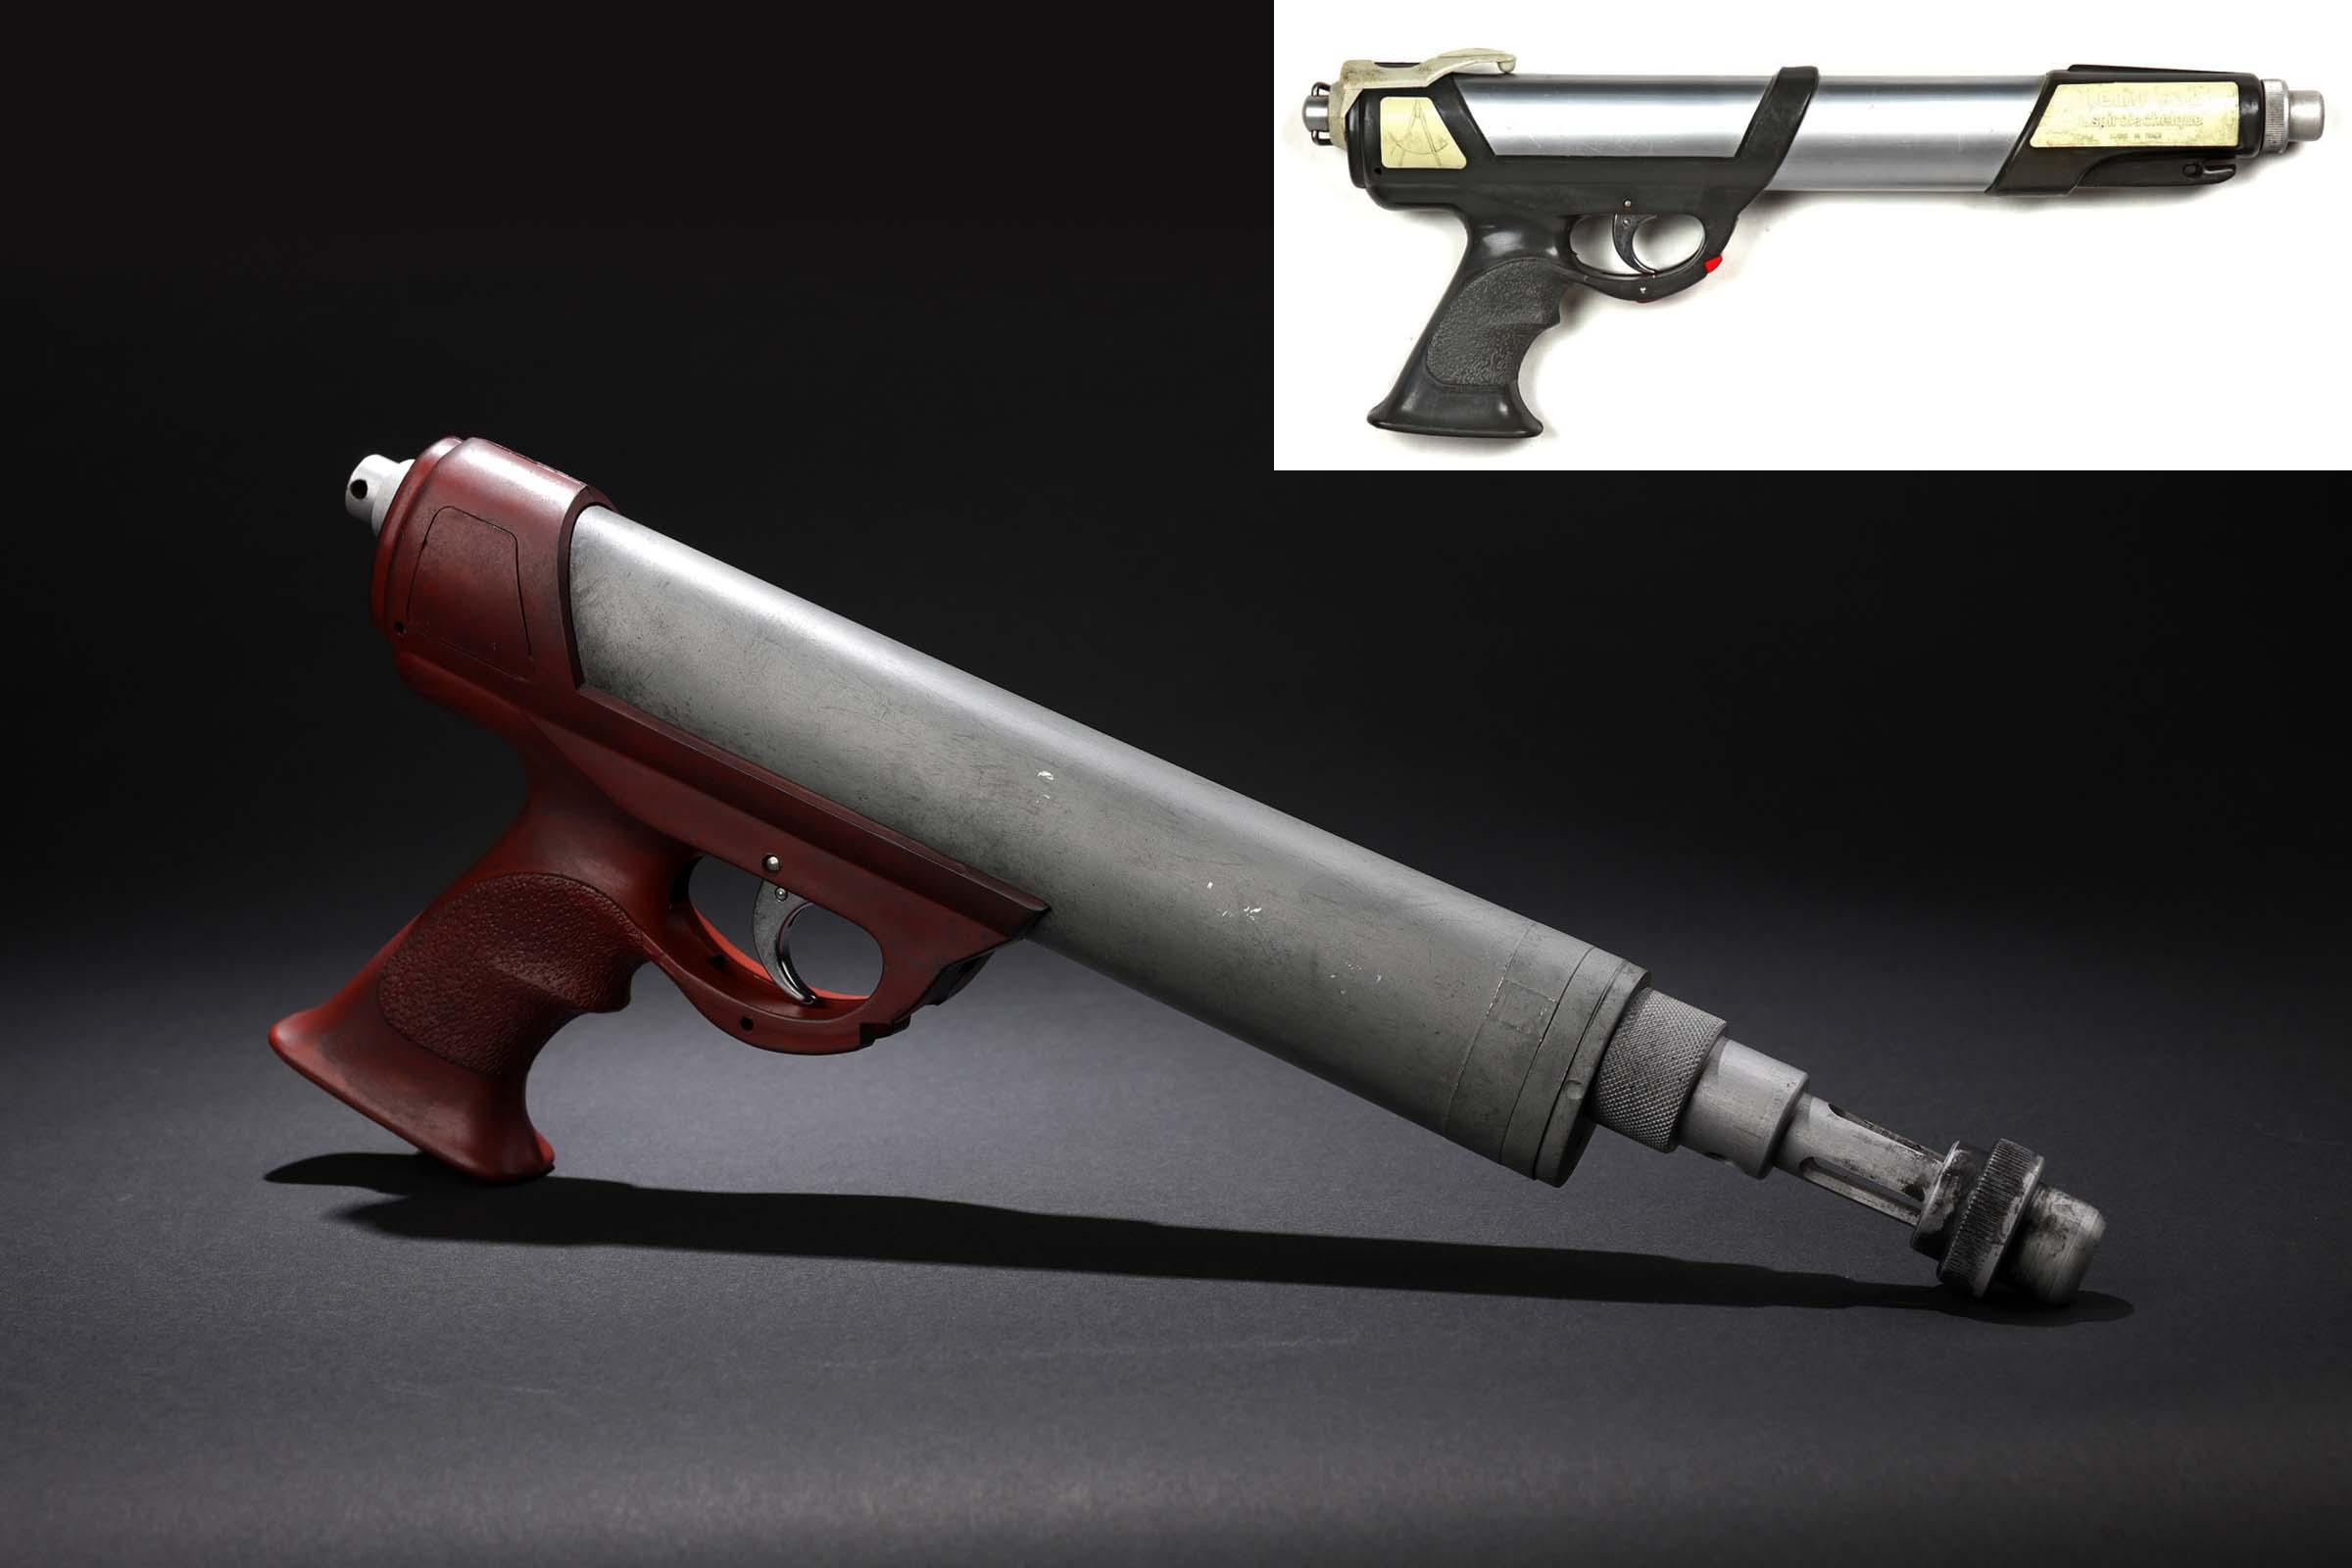 Boba-Fett-Pulce-40-Empire-Strikes-Back-Pistol-Original.jpg